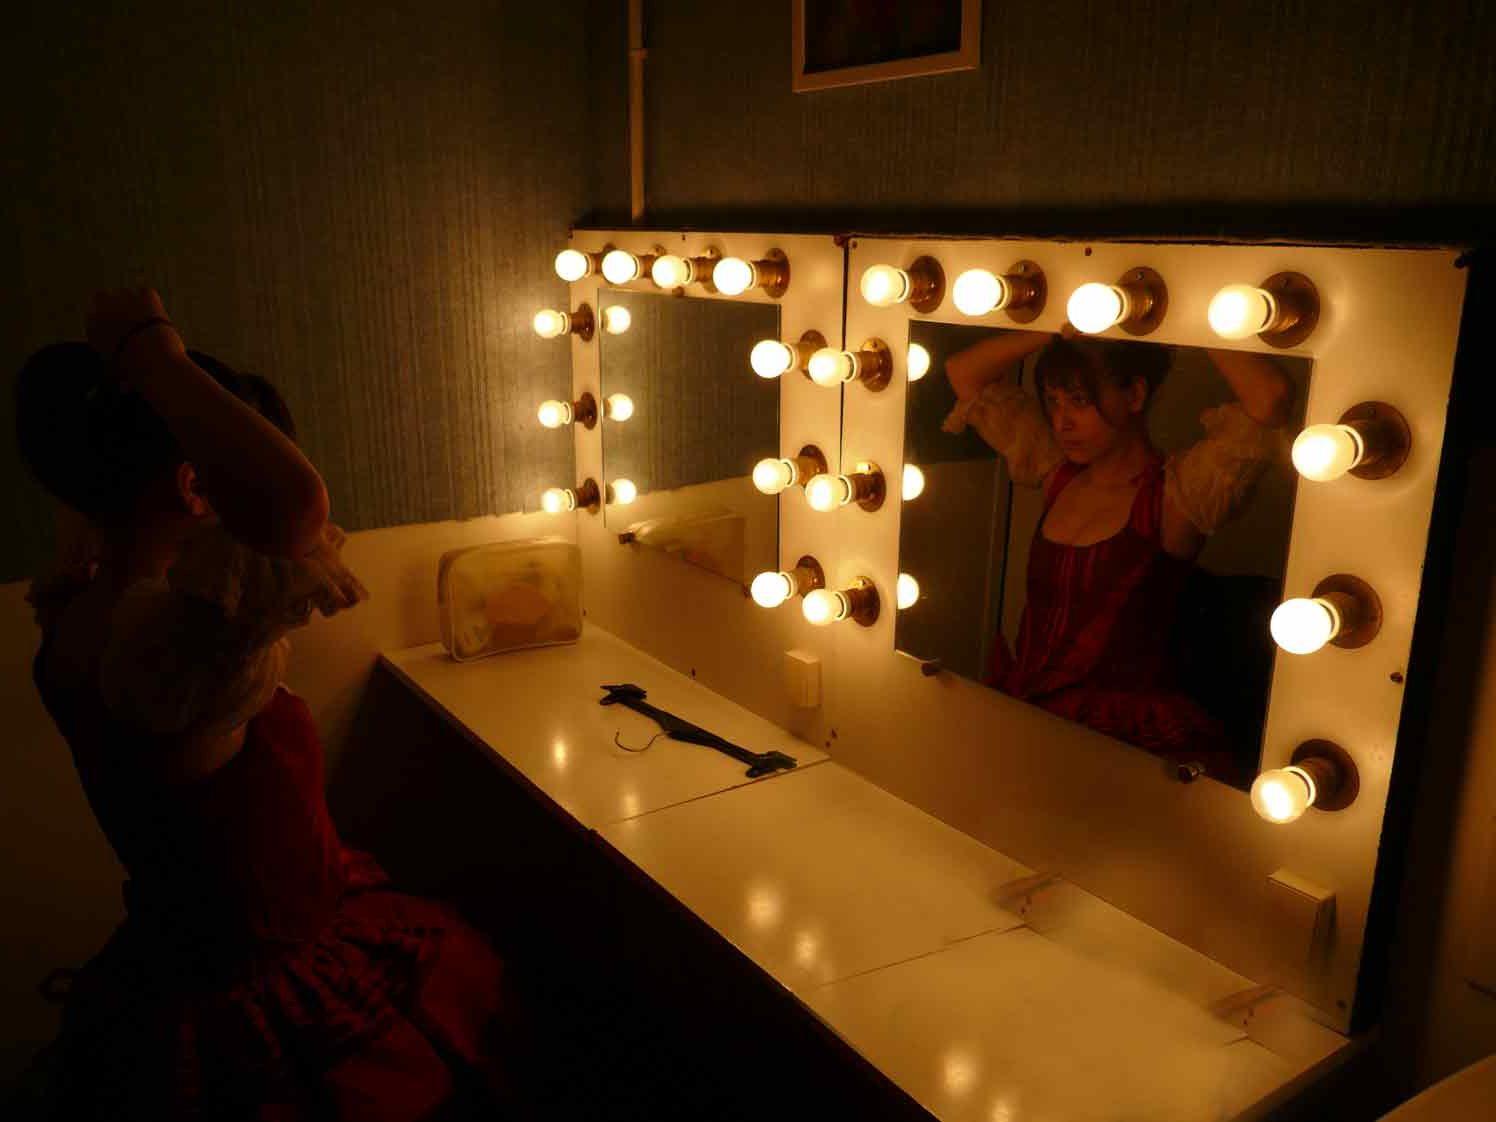 Miroir préparation vestiaire théâtre